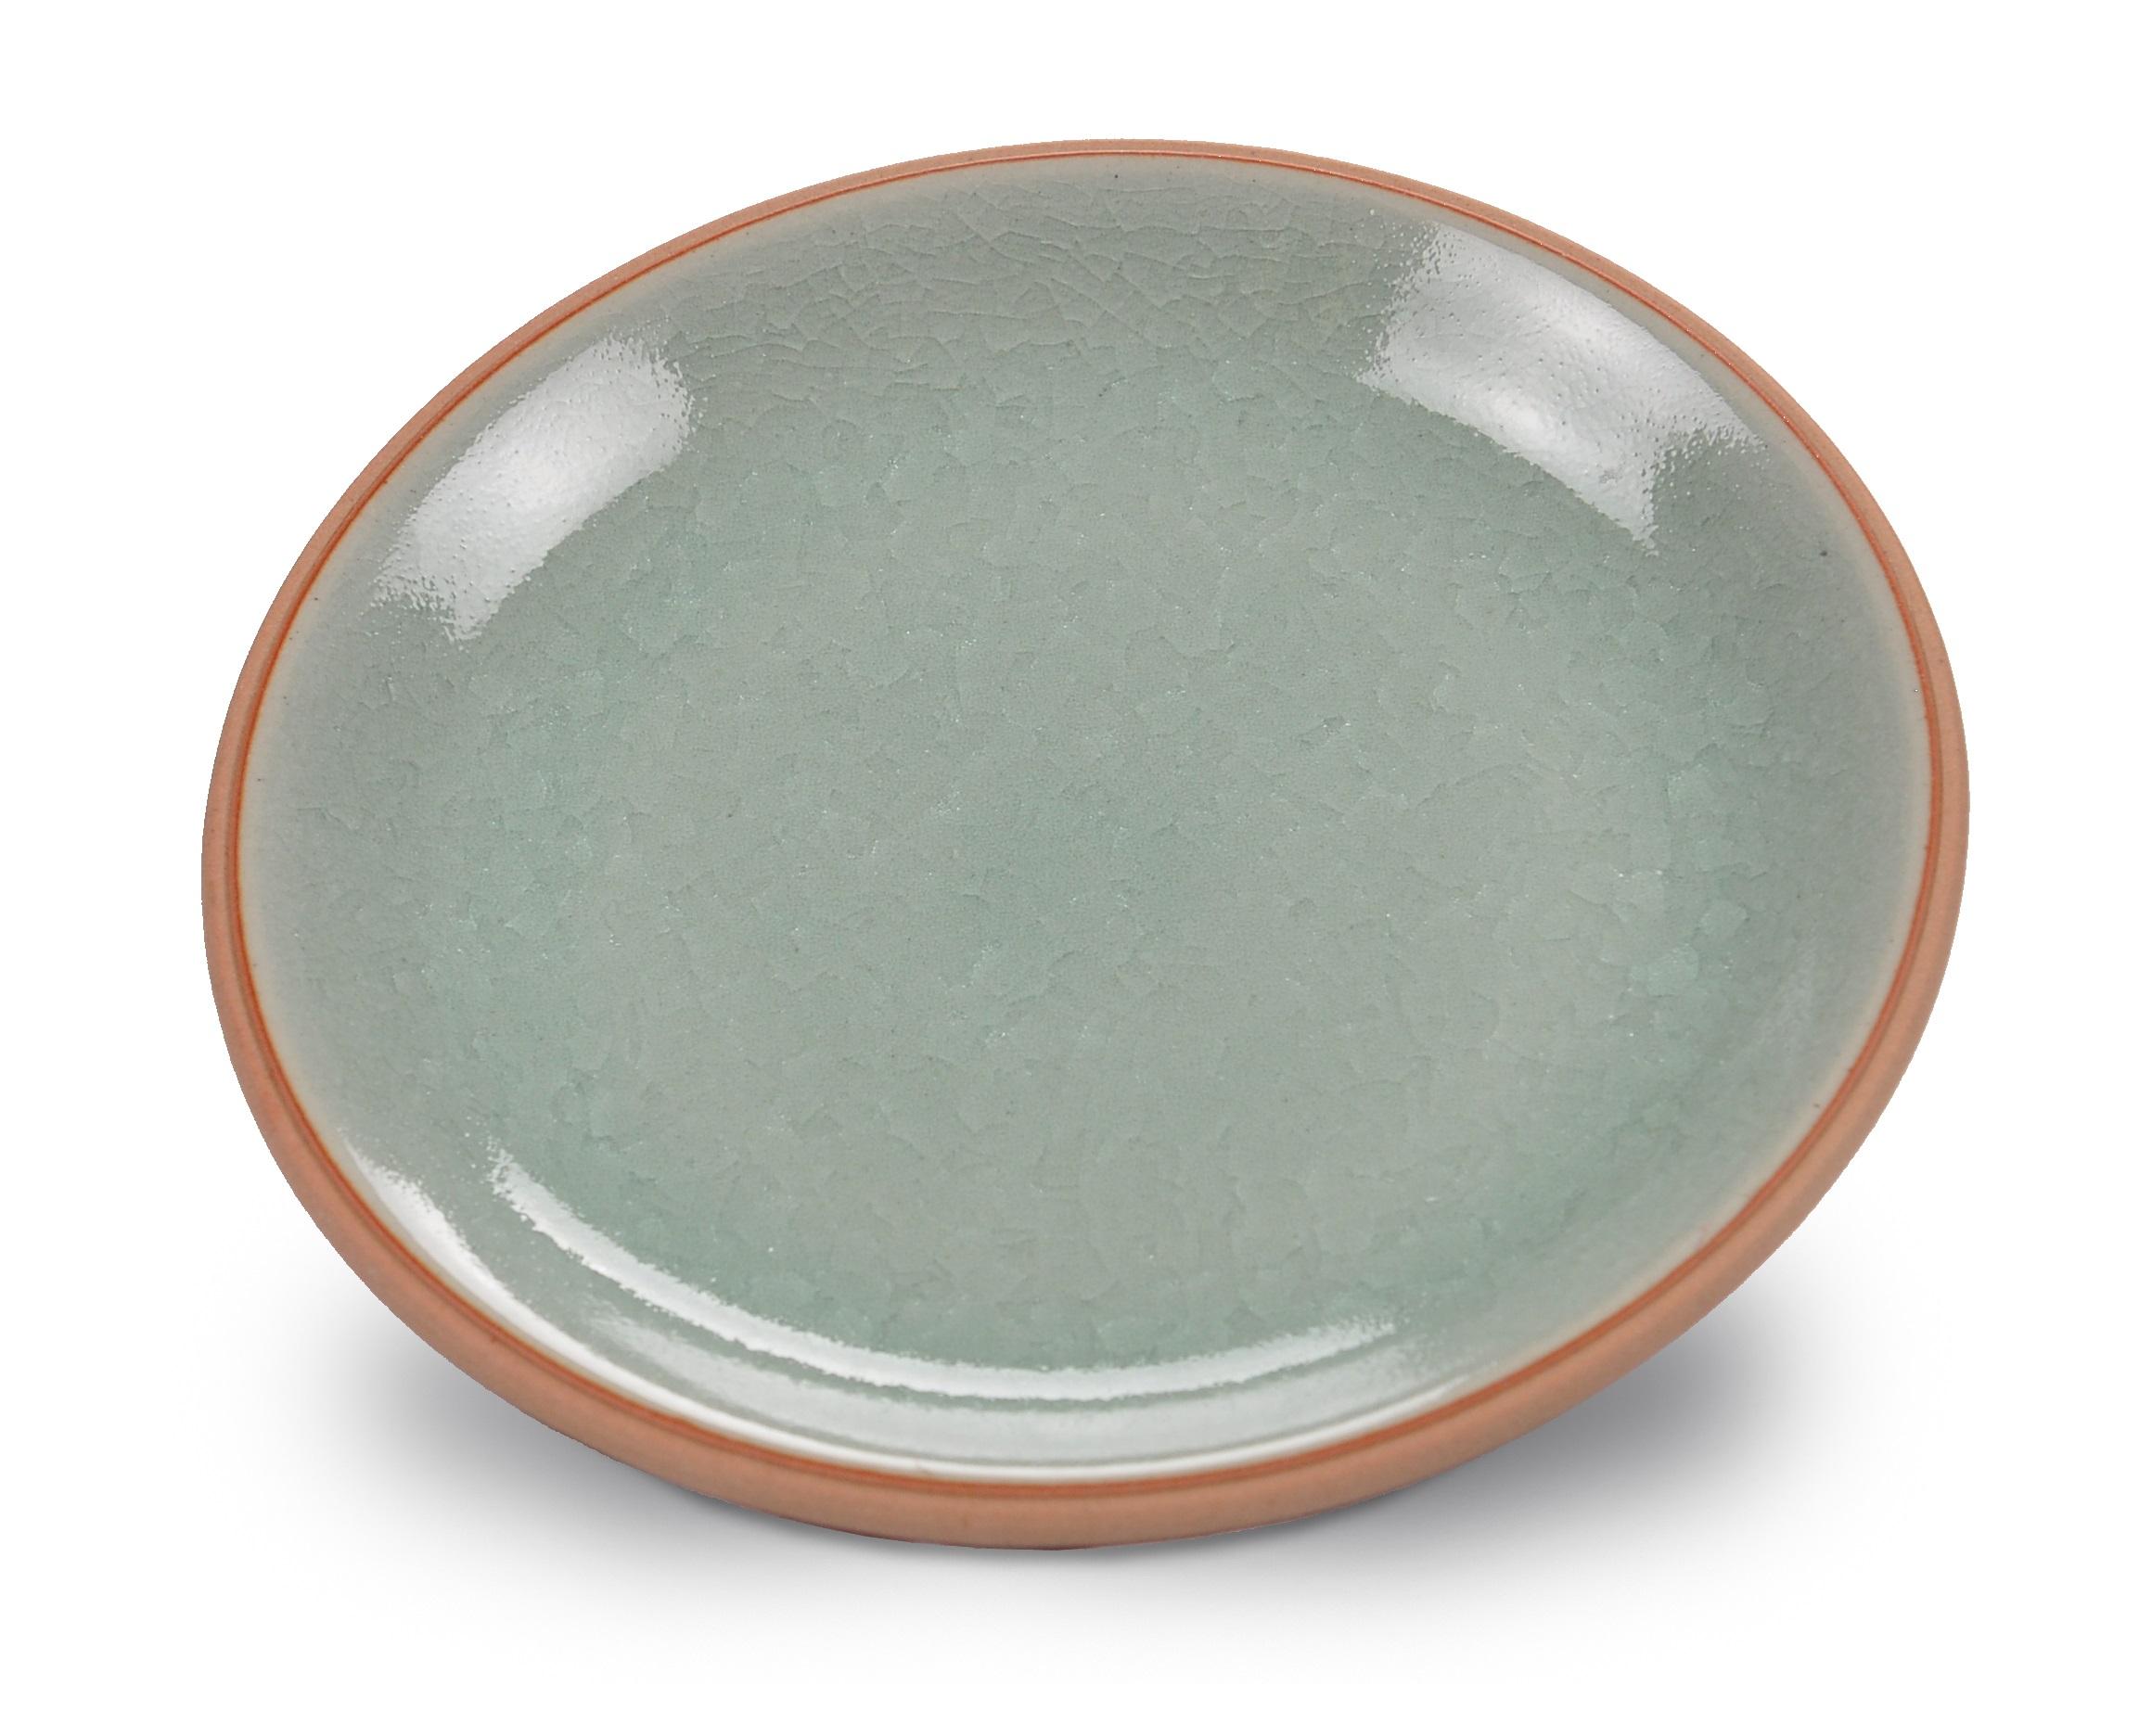 Тарелка ConceptТарелки<br>Сочетание минималистических тенденций и классической текстуры позволило создать посуду, способную удовлетворить самый изысканный вкус. Коллекция напоминает о тех минутах, когда природа замирает в ожидании чуда. Домашний обед или ужин в ресторане, коллекция &amp;quot;Concept&amp;quot; создаст атмосферу индивидуальности, изысканности и гармонии.&amp;amp;nbsp;<br><br>Material: Керамика<br>Высота см: 3